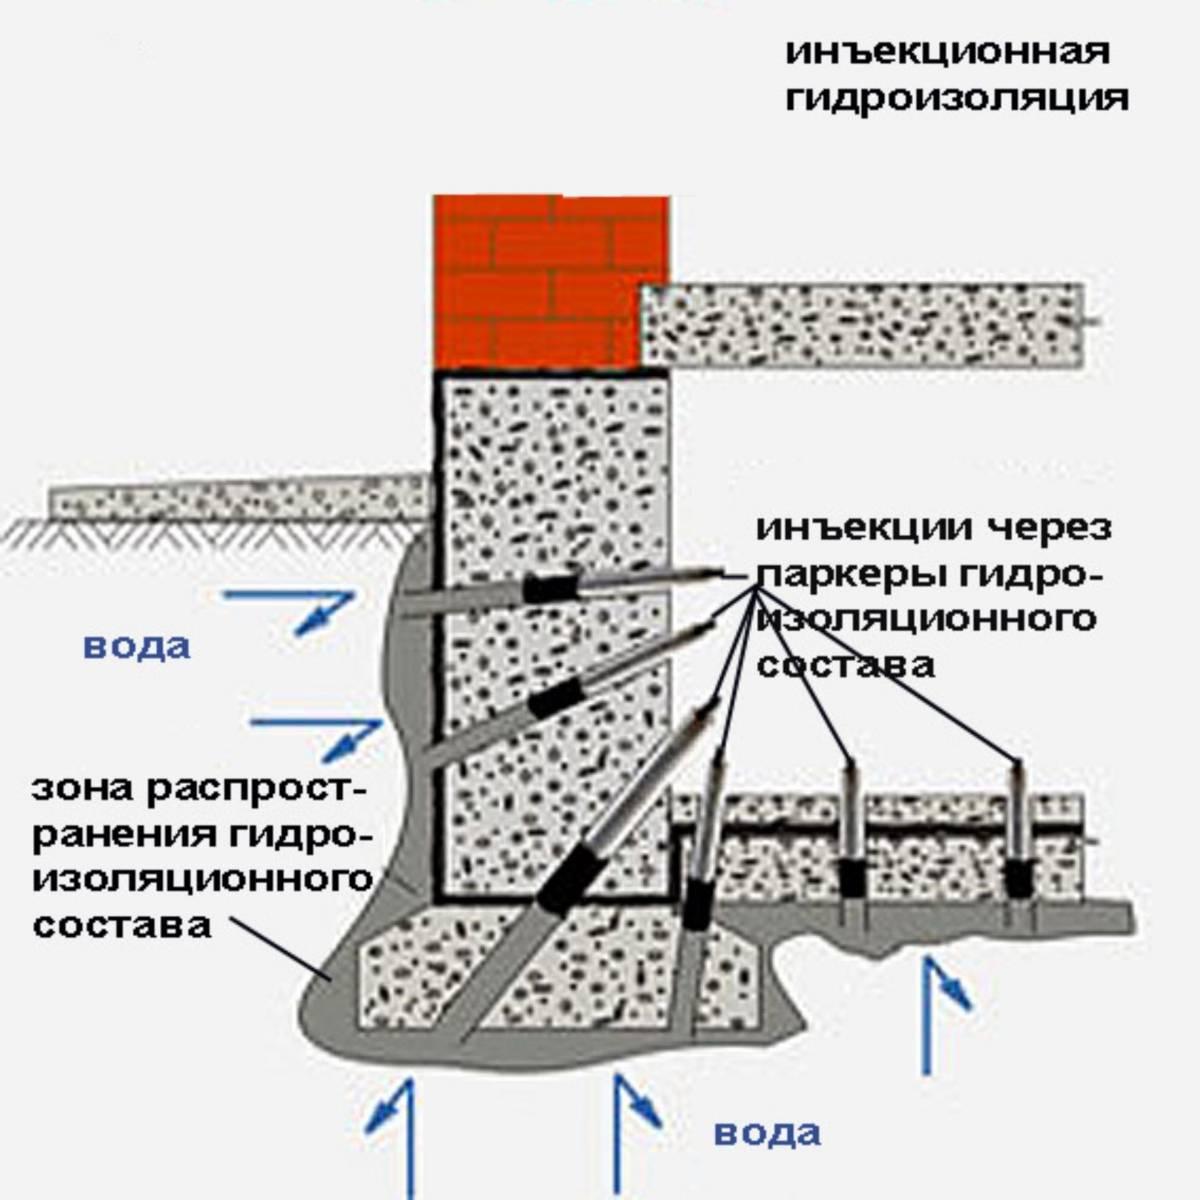 Гидроизоляция подвала изнутри от грунтовых вод: для чего нужна, материалы, как сделать своими руками